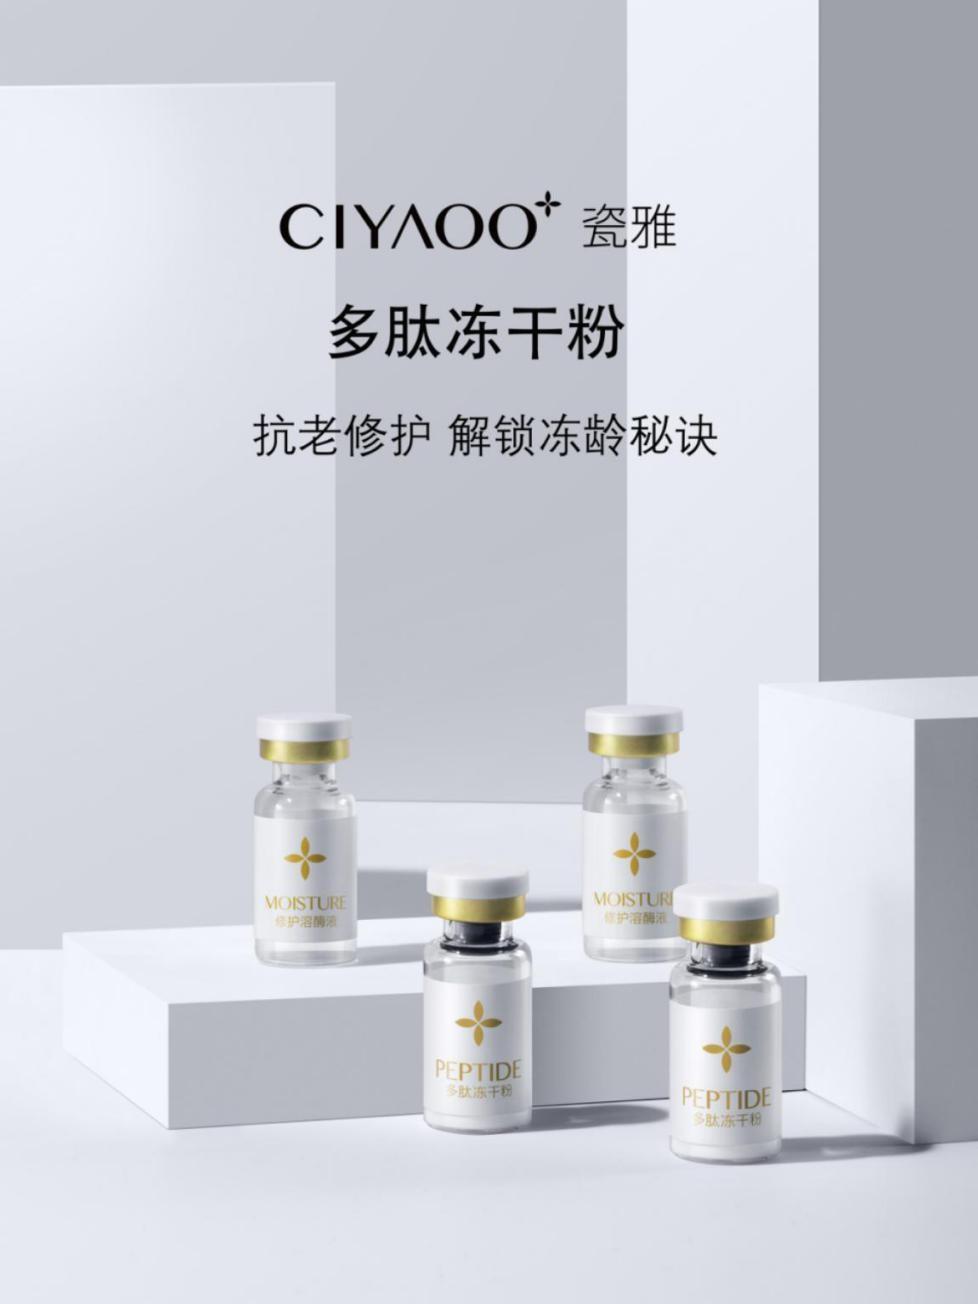 前雅诗兰黛成员,实力加持CIYAOO瓷雅实验室